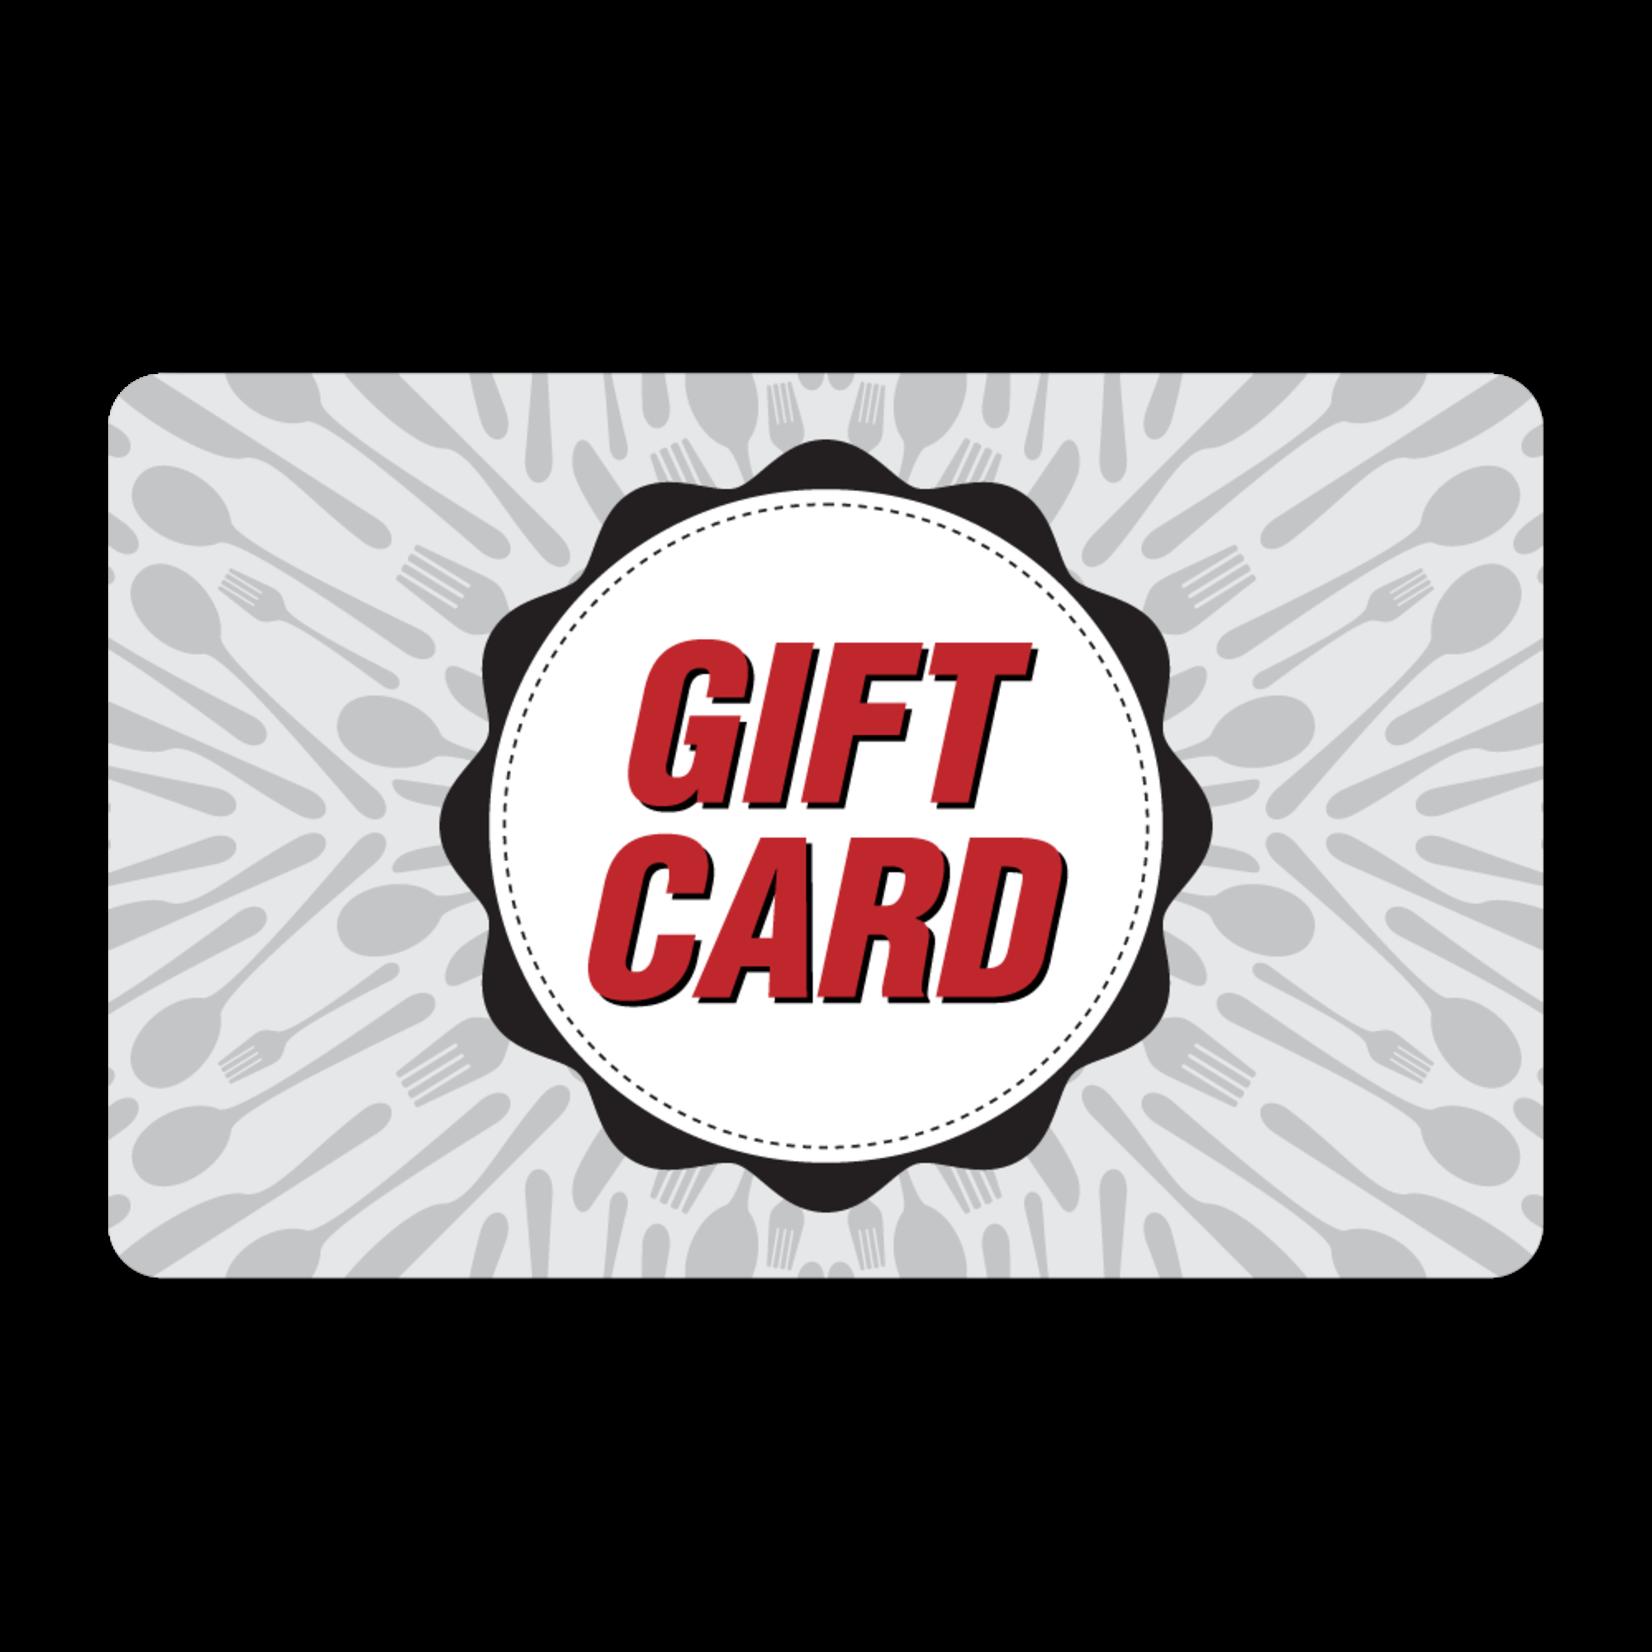 Gift Cards - Utensils